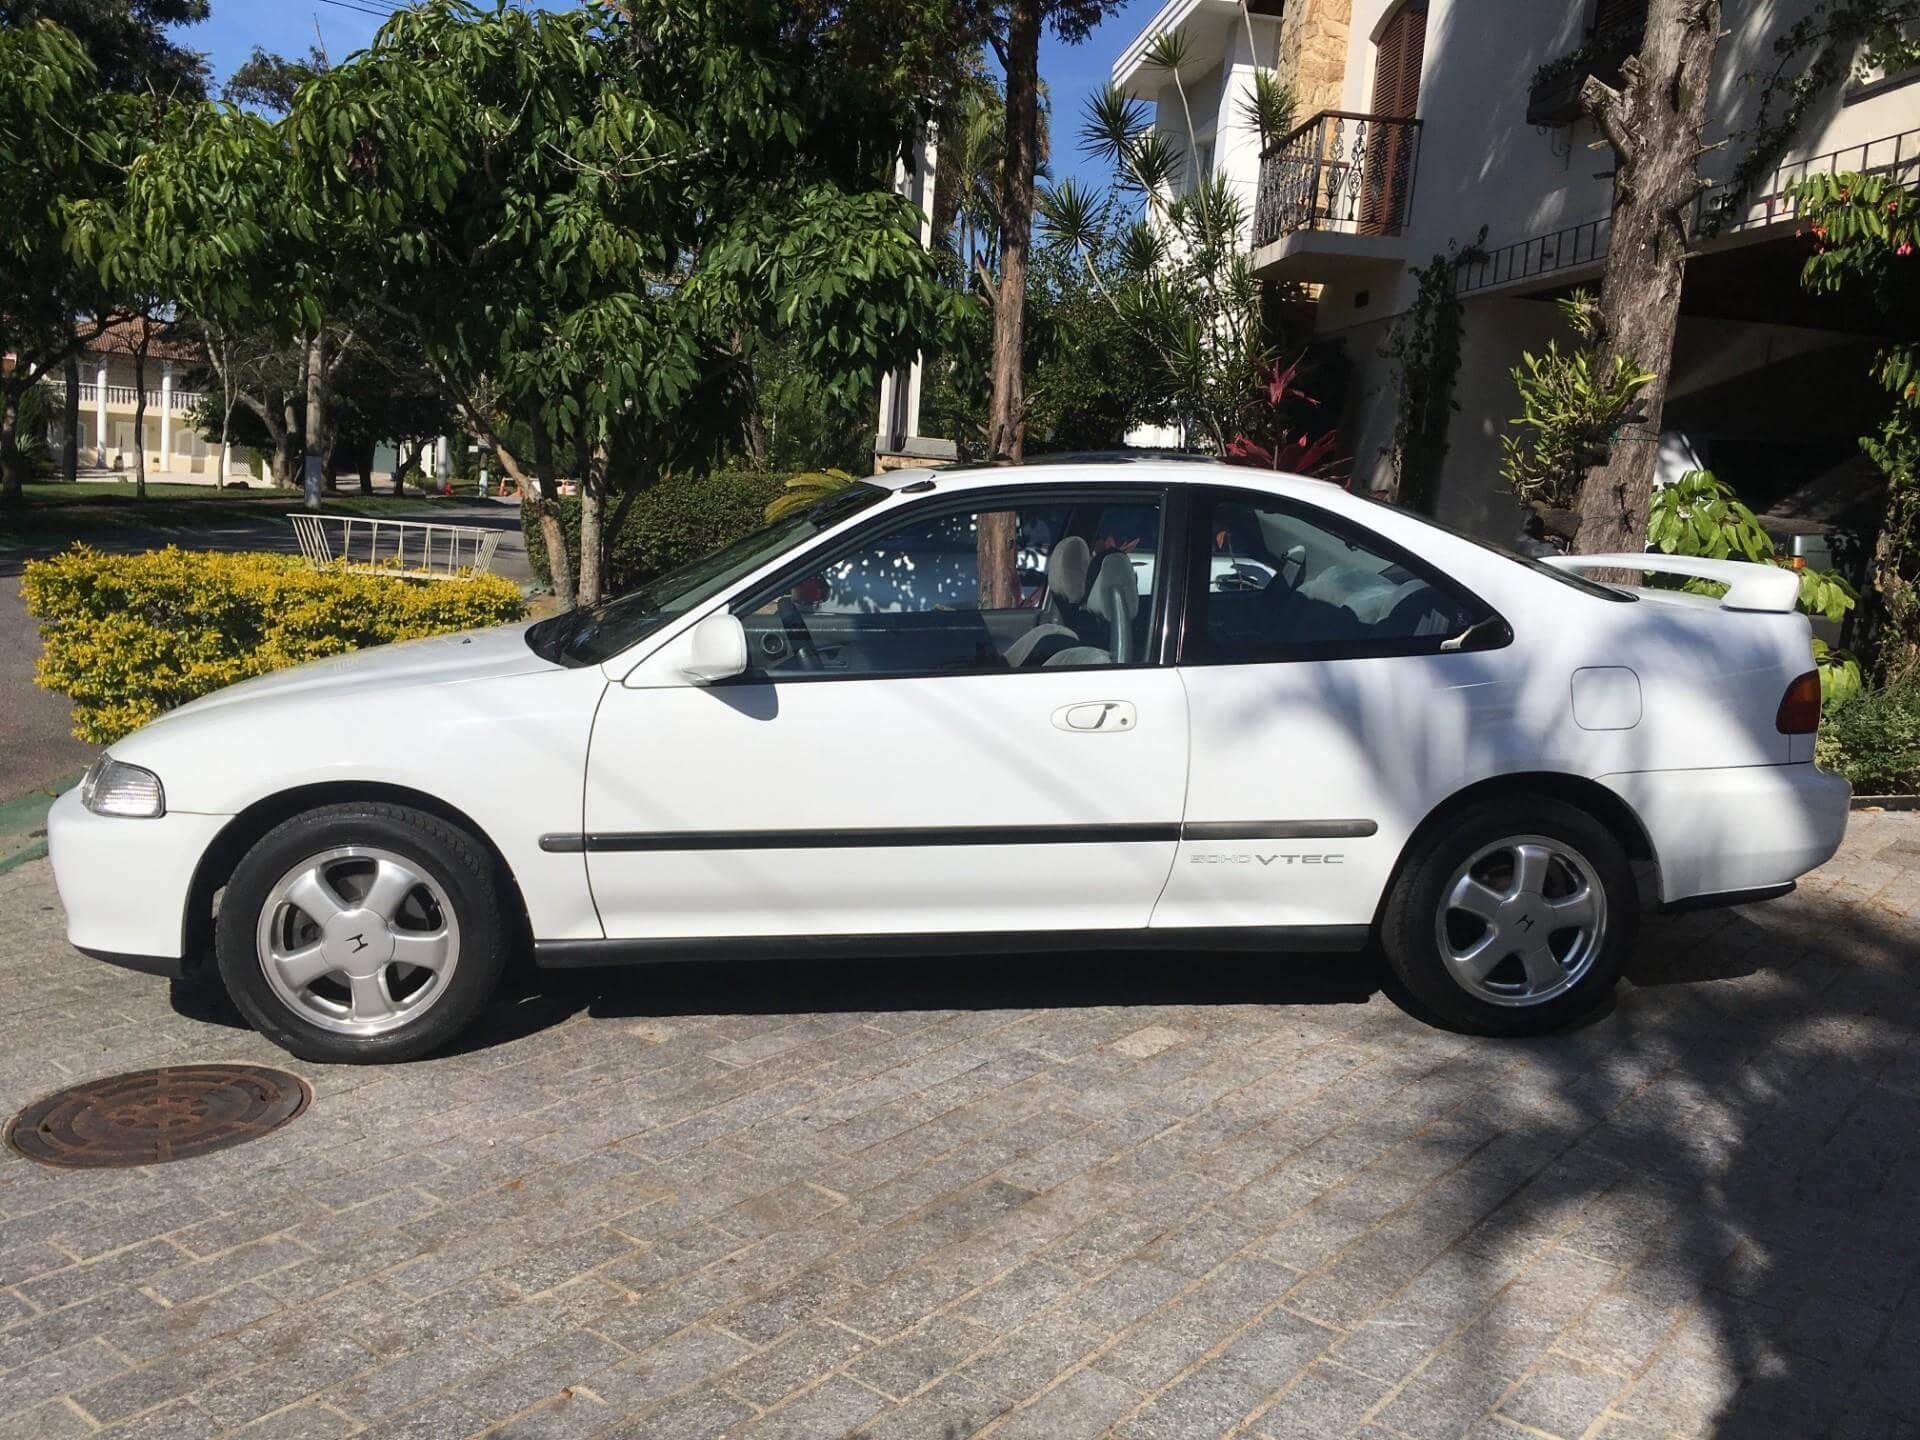 Honda Civic 1.6 Exs Coupe 16v Gasolina 2p Automatico Wmimagem200446103271